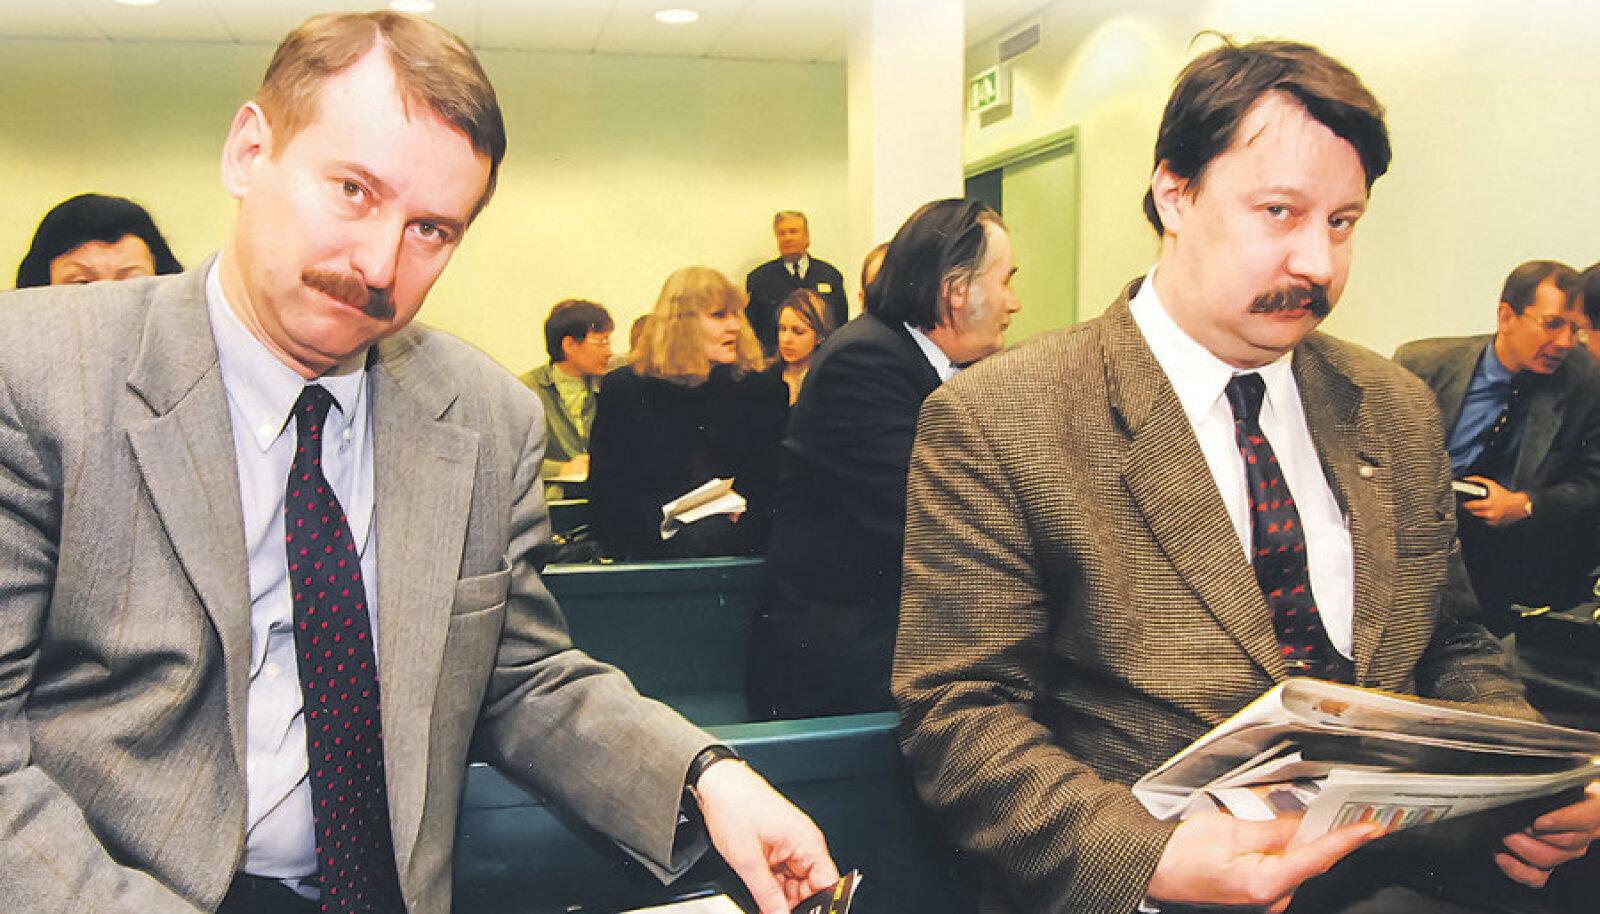 Eesti Päevalehe avaldatud Eesti Panga dokumentidel on nii tollase Eesti Panga presidendi Siim Kallase (vasakul) kui ka tema juriidilise nõuniku Urmas Kaju allkirjad. Pilt on tehtud mõni aeg hiljem, 1999. aastal.